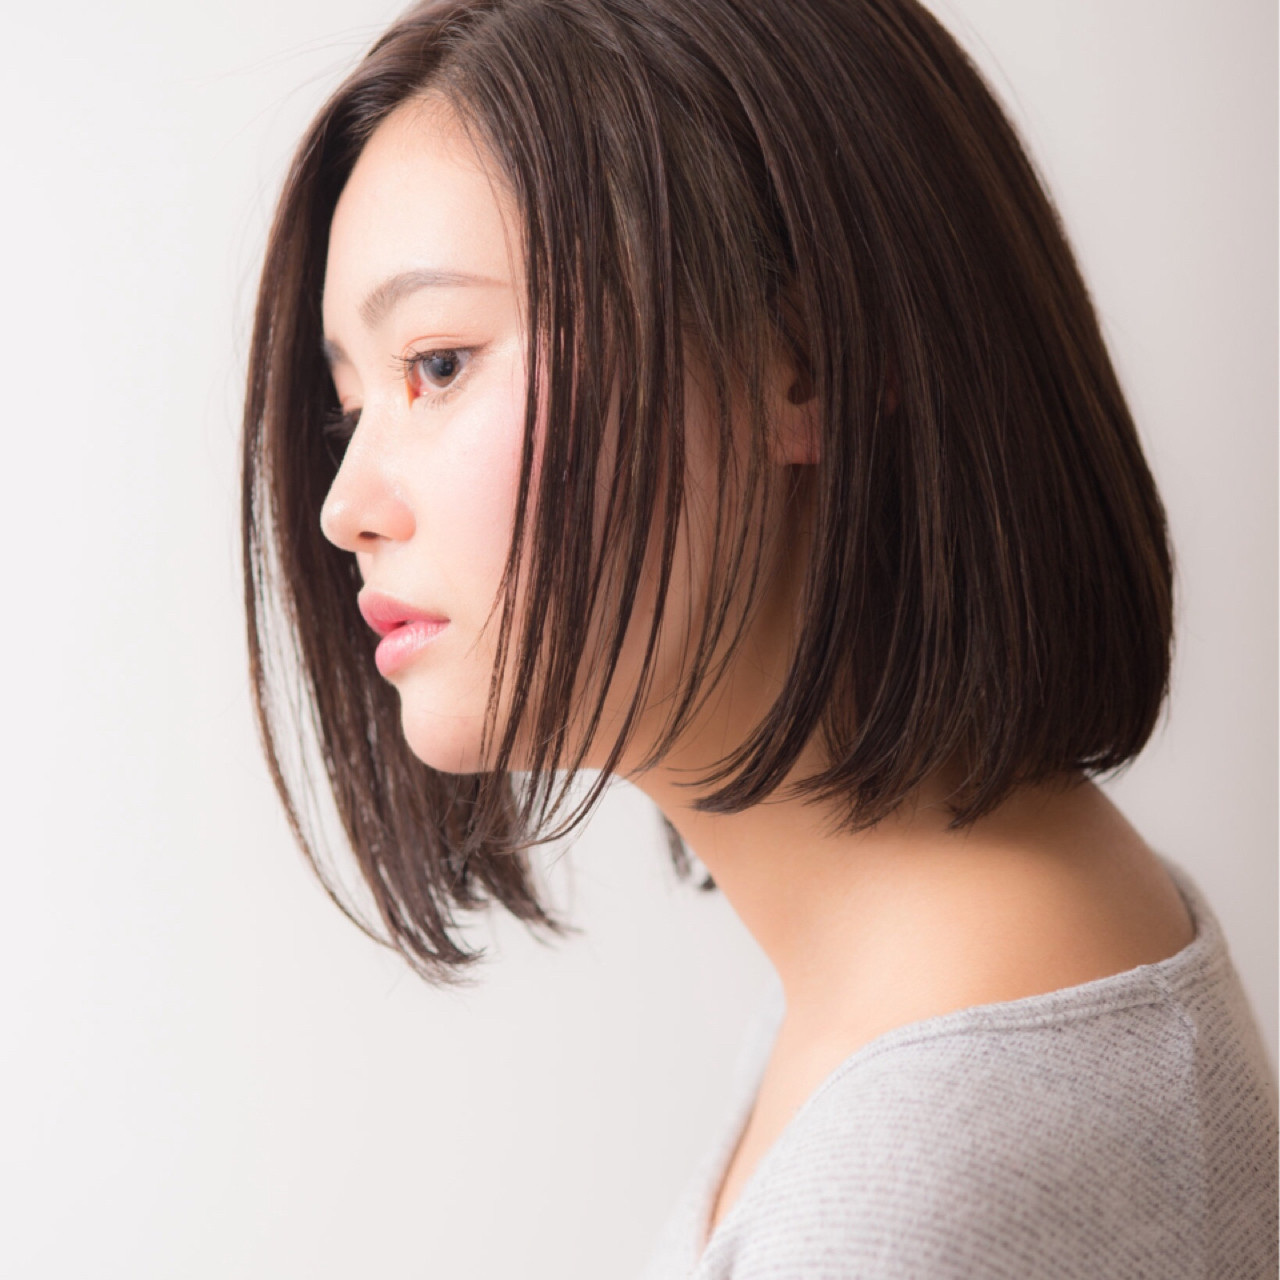 ナチュラル 秋 大人女子 冬 ヘアスタイルや髪型の写真・画像 | 関 / Boa sorte